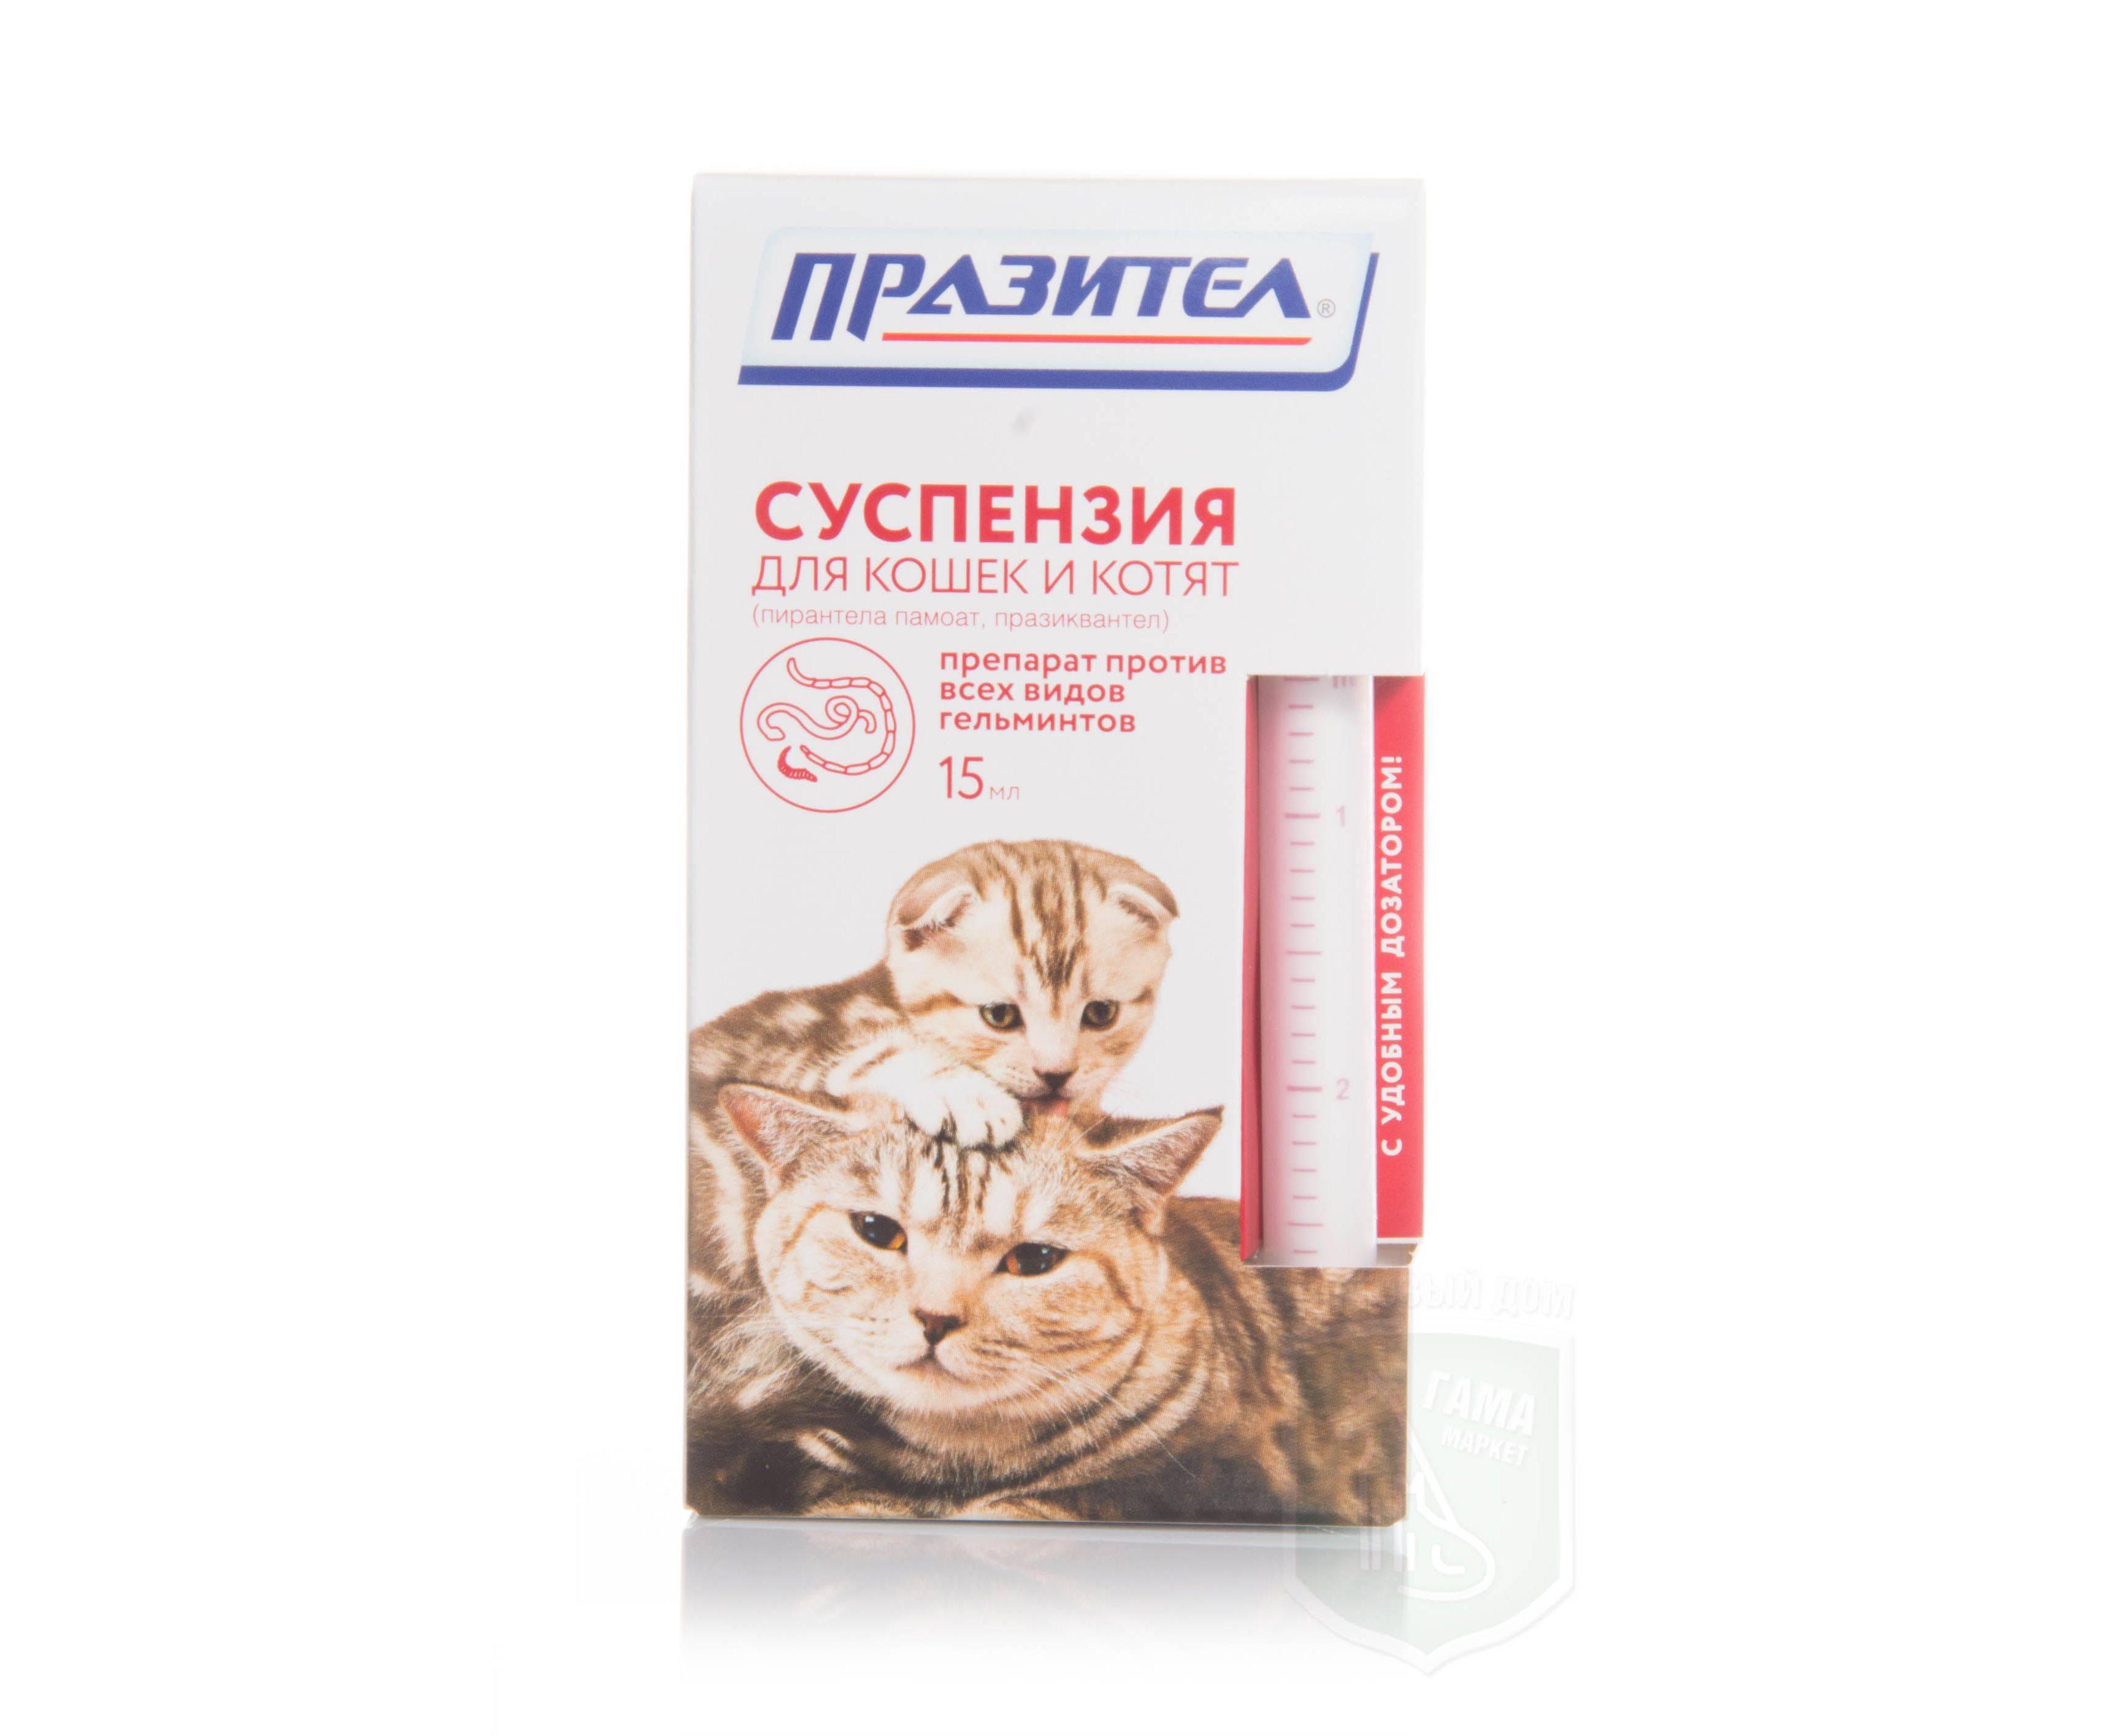 Празител для кошек: помощник в борьбе с паразитами